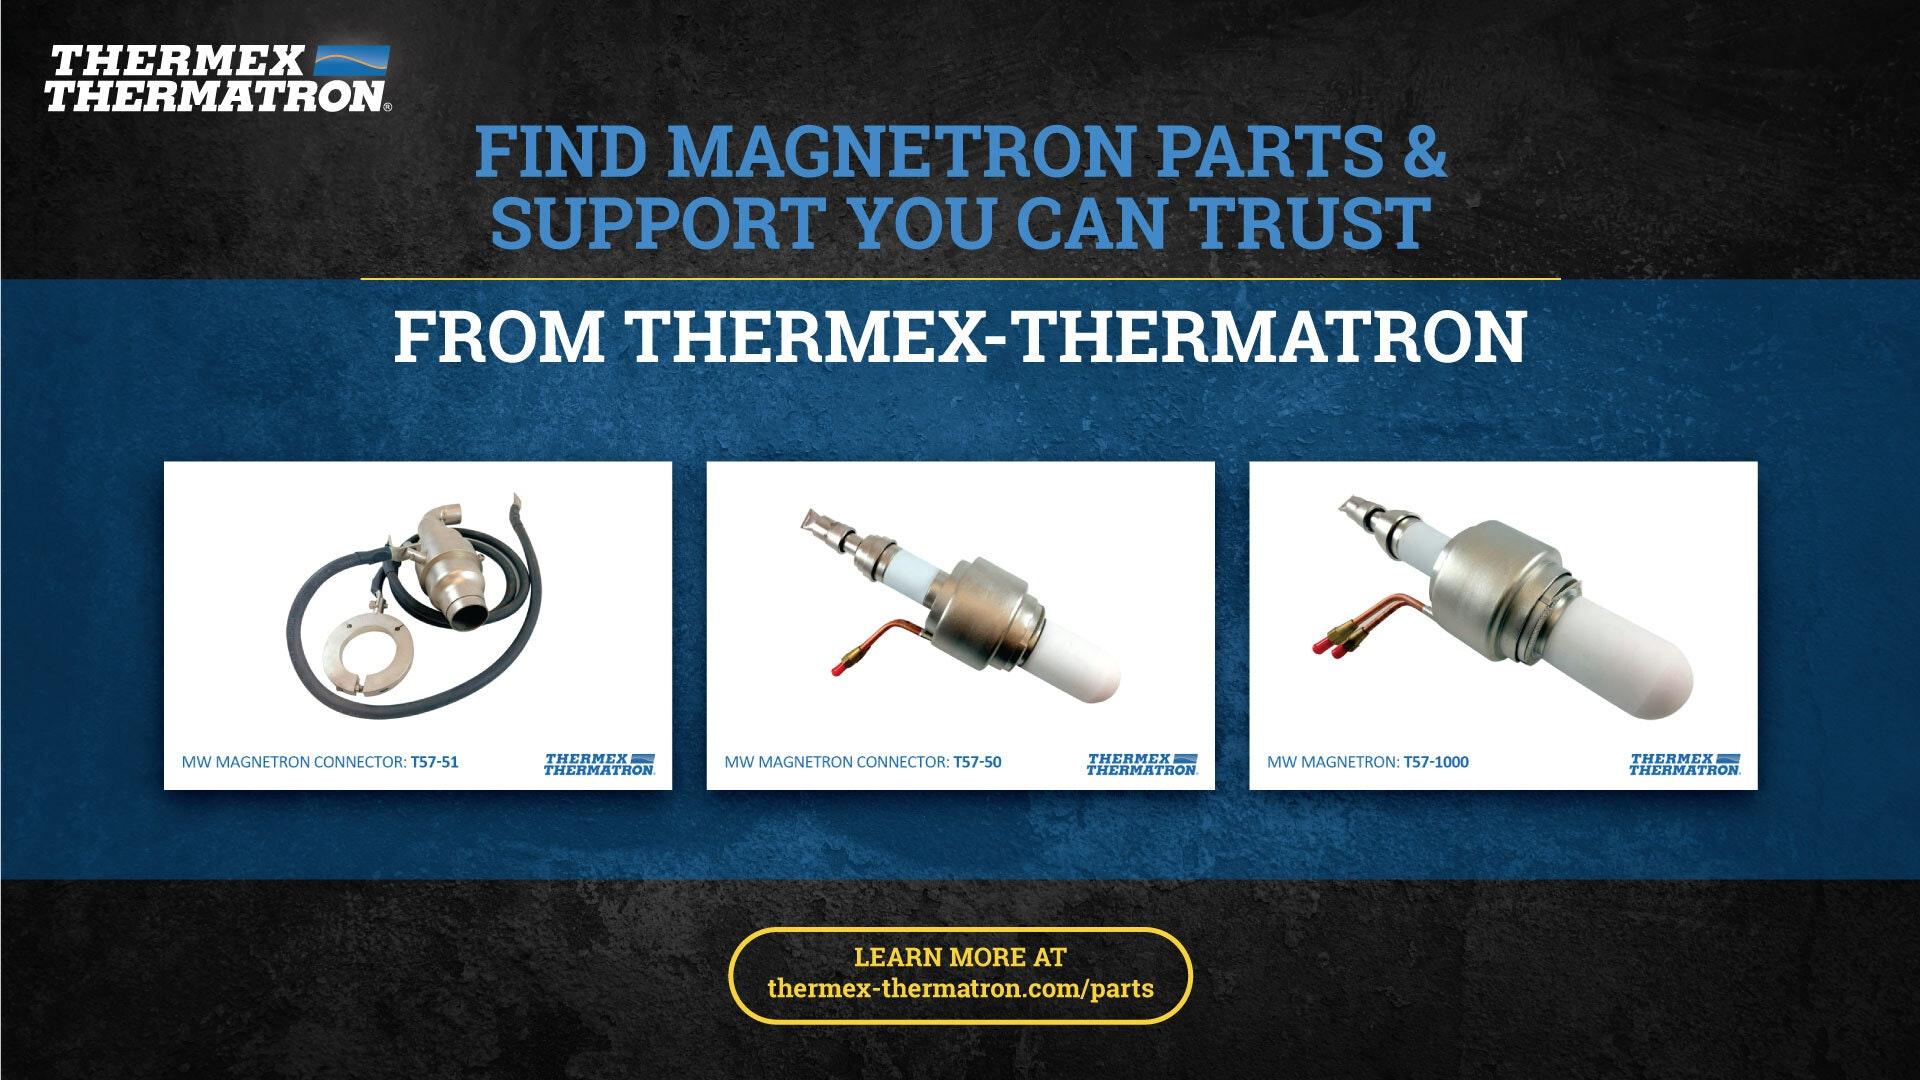 Magnetron Parts Overview